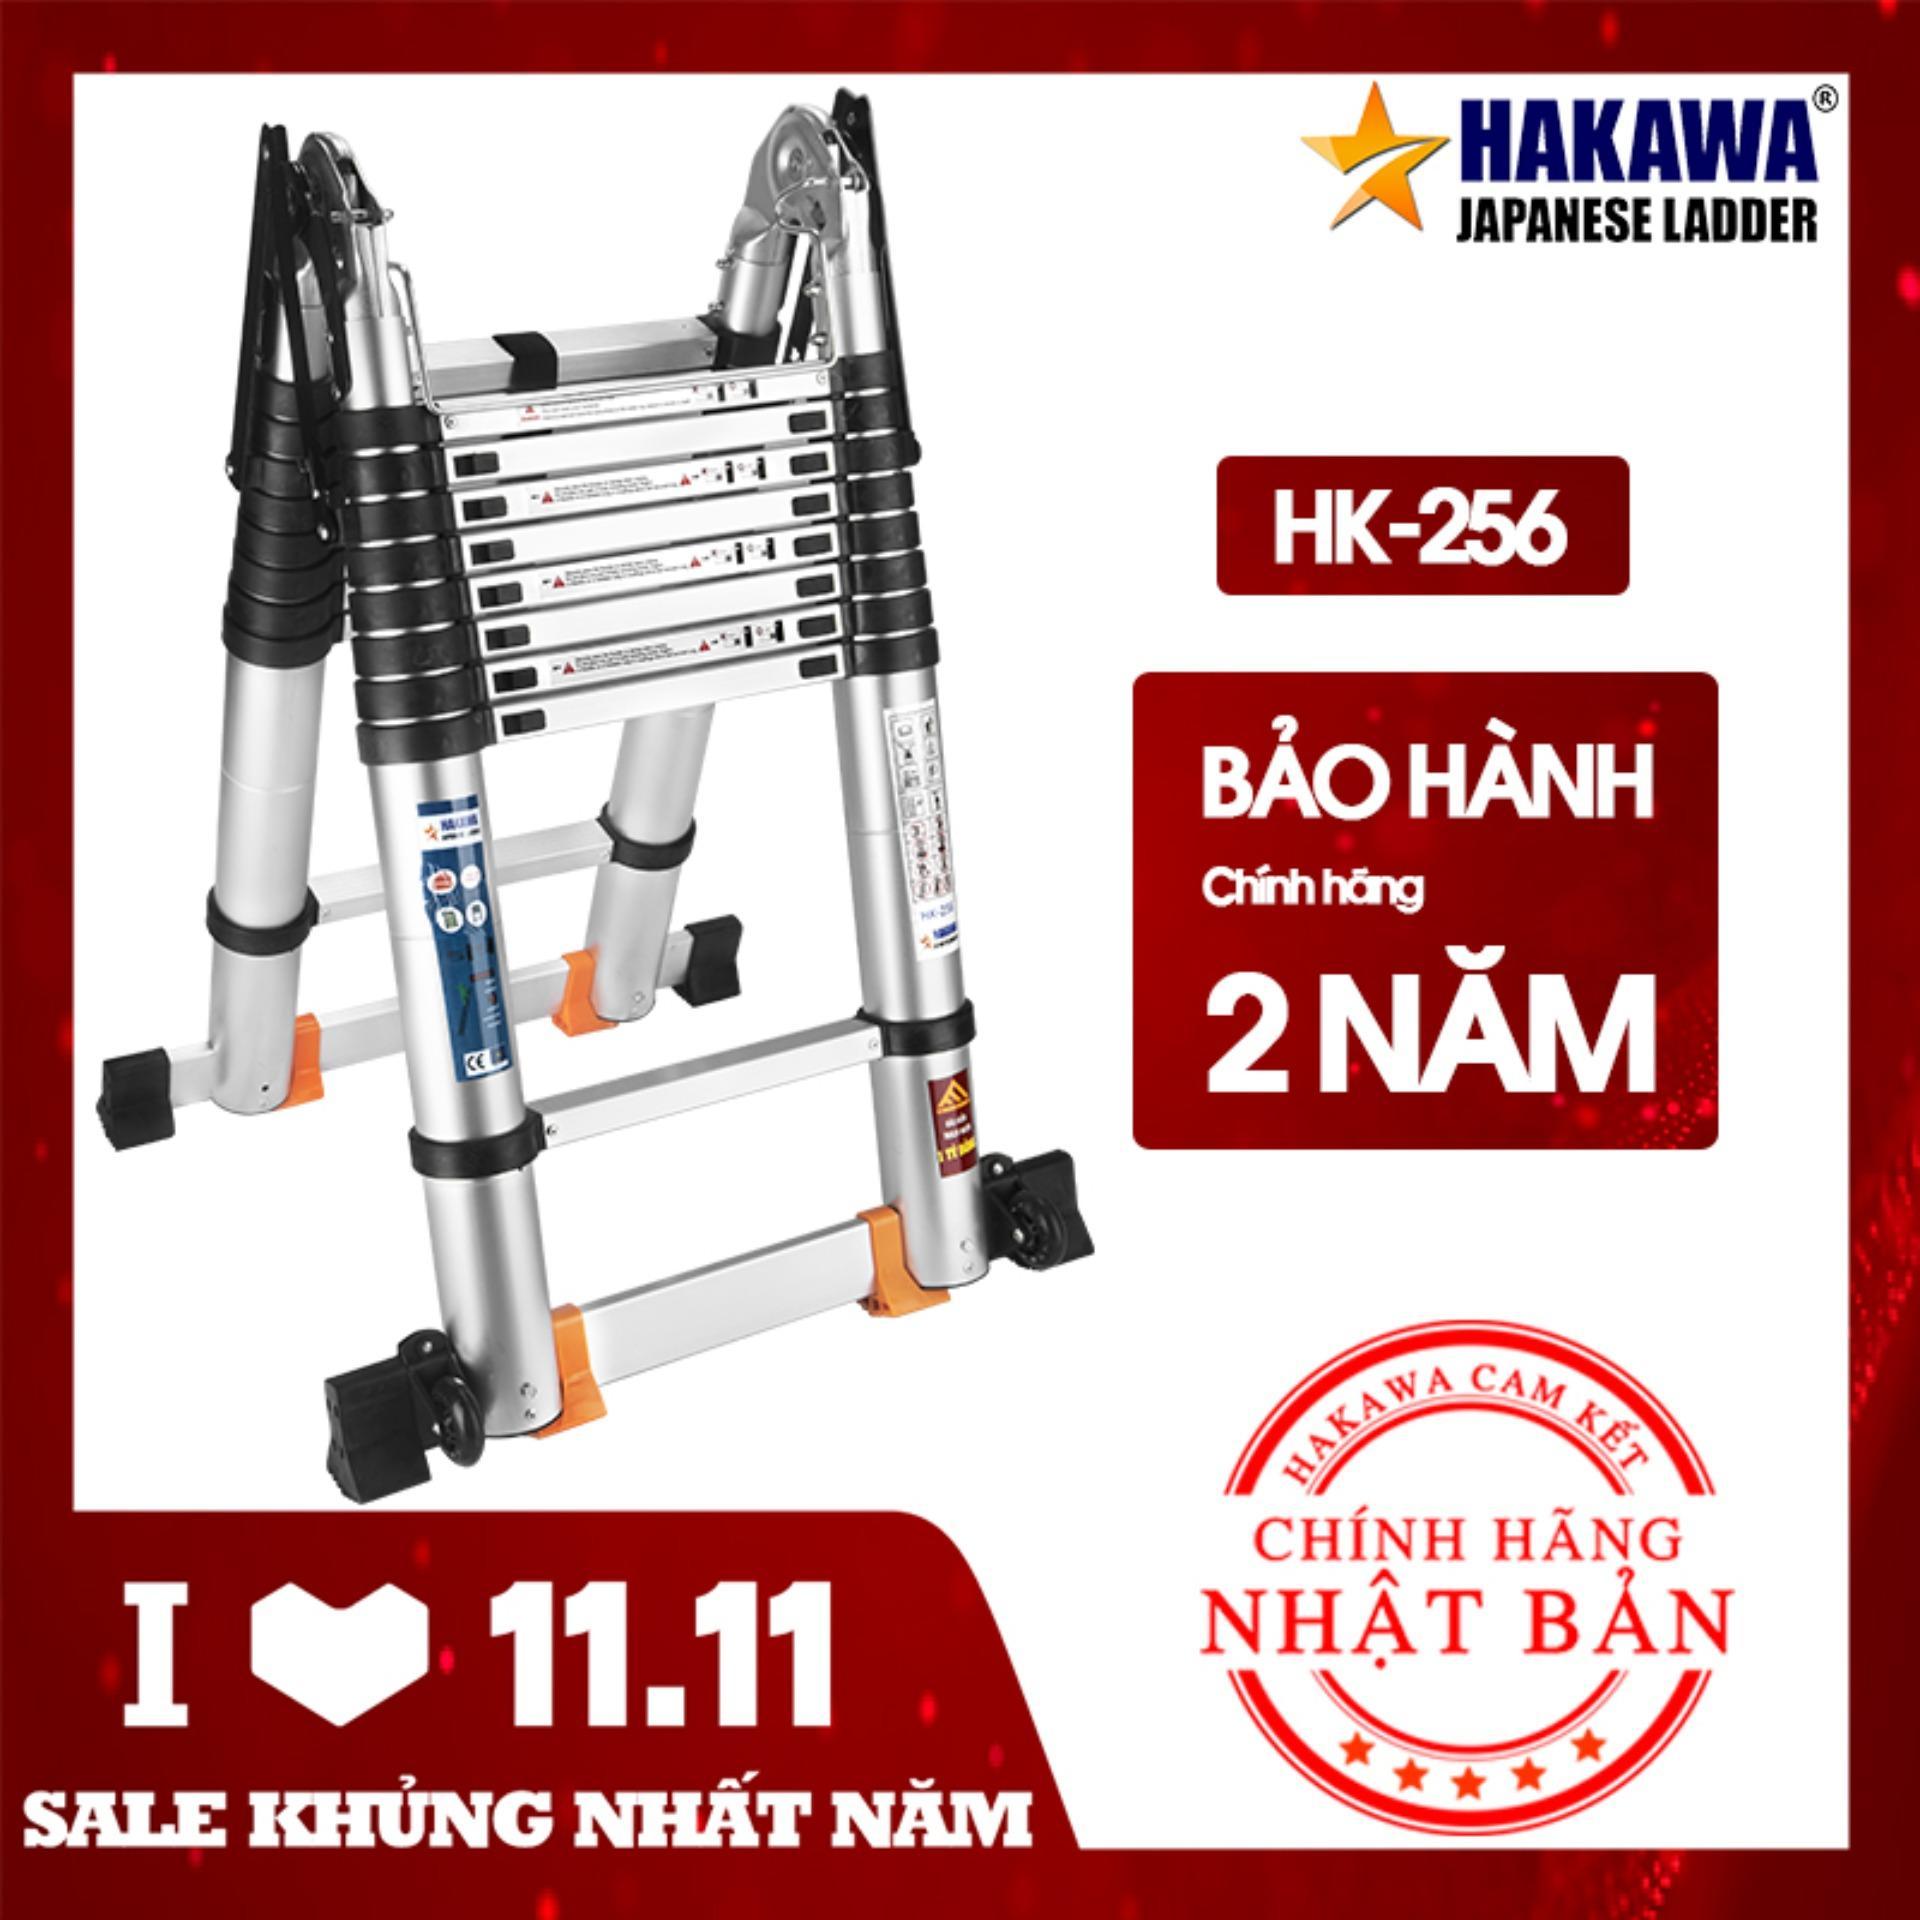 THANG NHÔM RÚT ĐÔI NHẬT BẢN - HAKAWA HK 256 - PHÂN PHỐI CHÍNH HÃNG